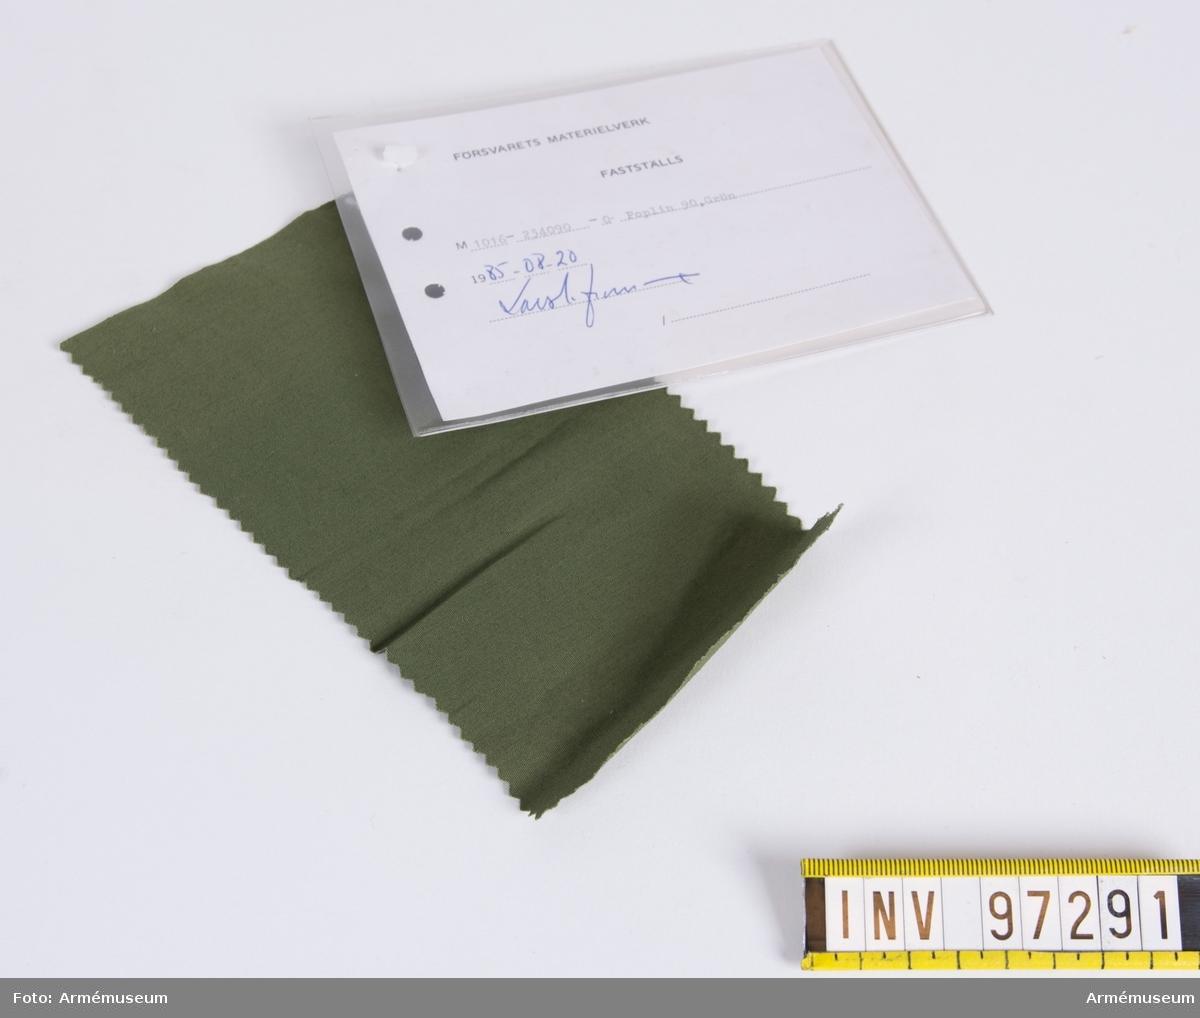 """Vidhängande modellapp med text: """"Försvarets materielverk. Fastställs. M 1016-234090-0. Poplin 90, Grön. 1985-08-20 (oläslig sign)"""""""